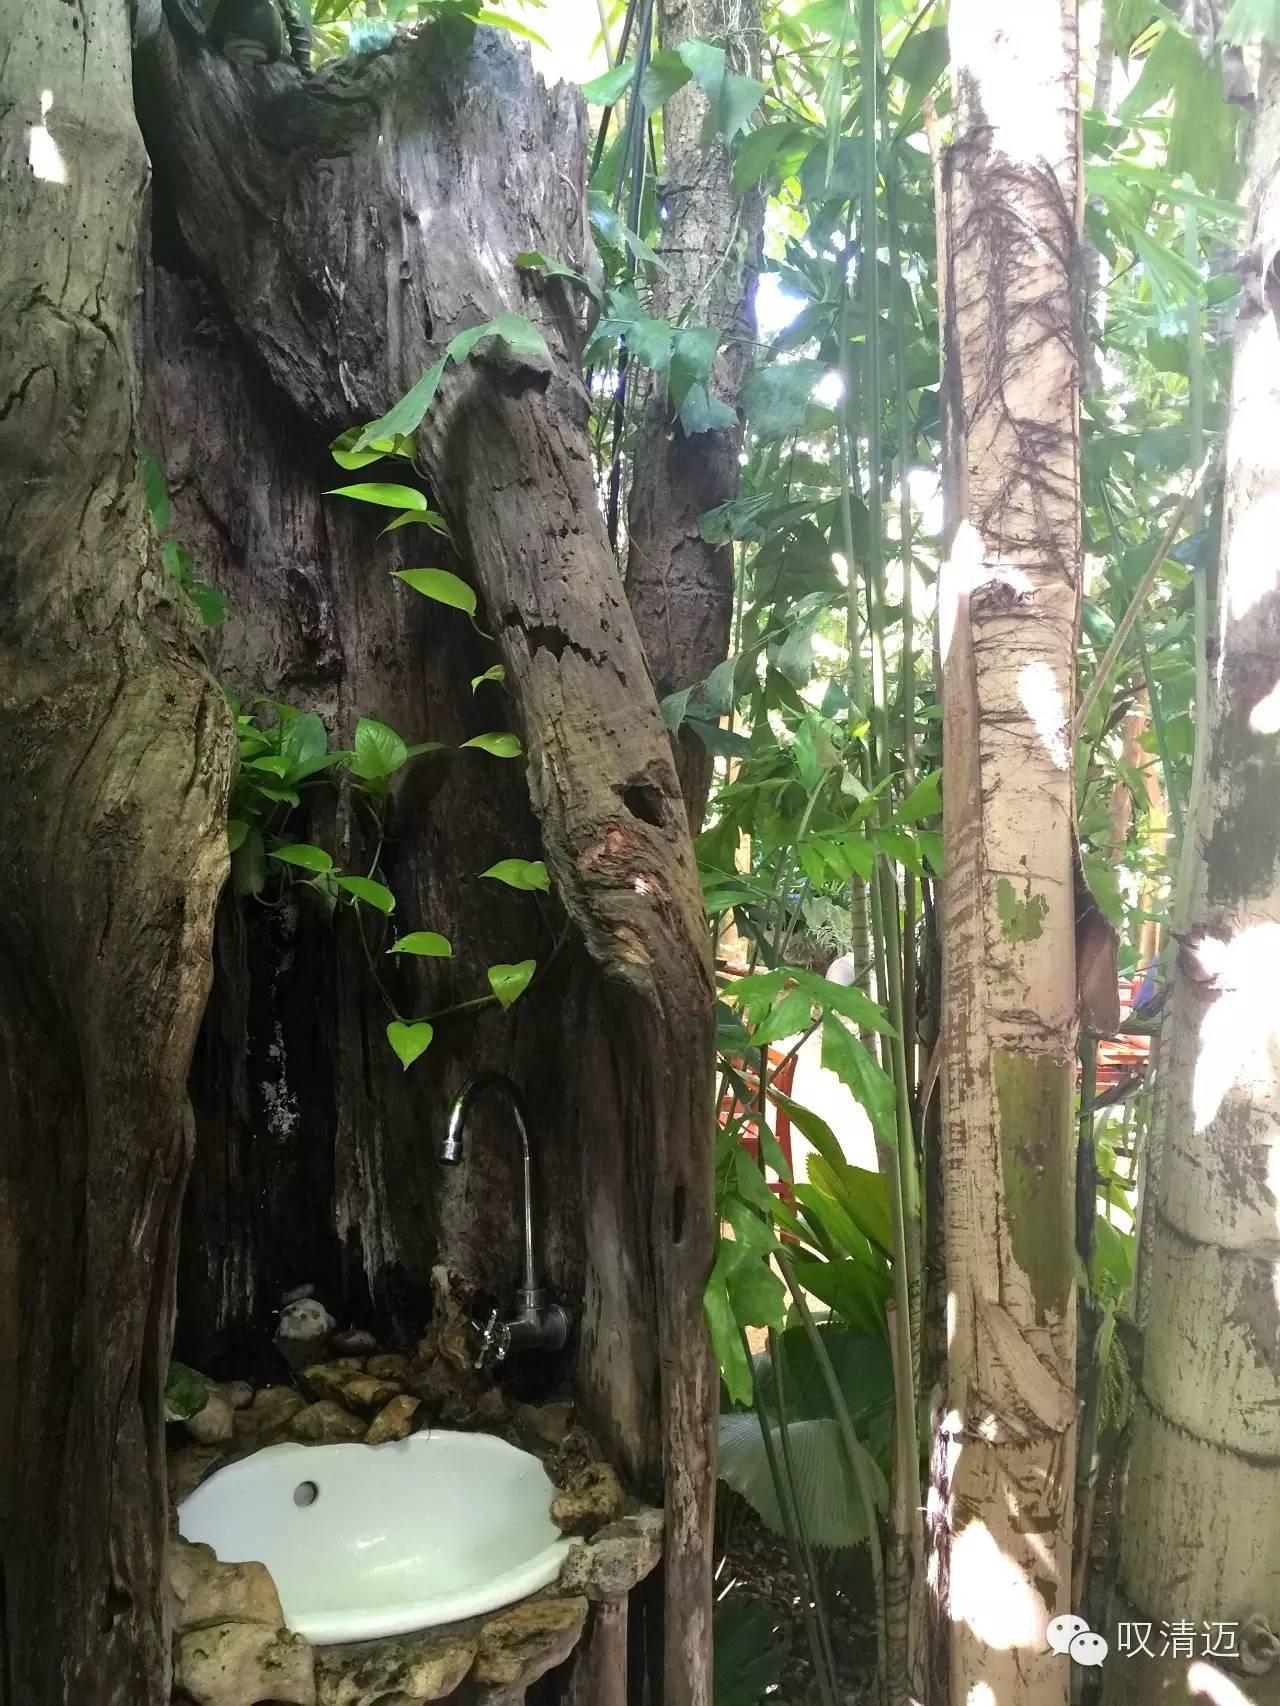 服务台以大树藤蔓支撑,看起来整个餐厅由树木架起,就像在树林中.